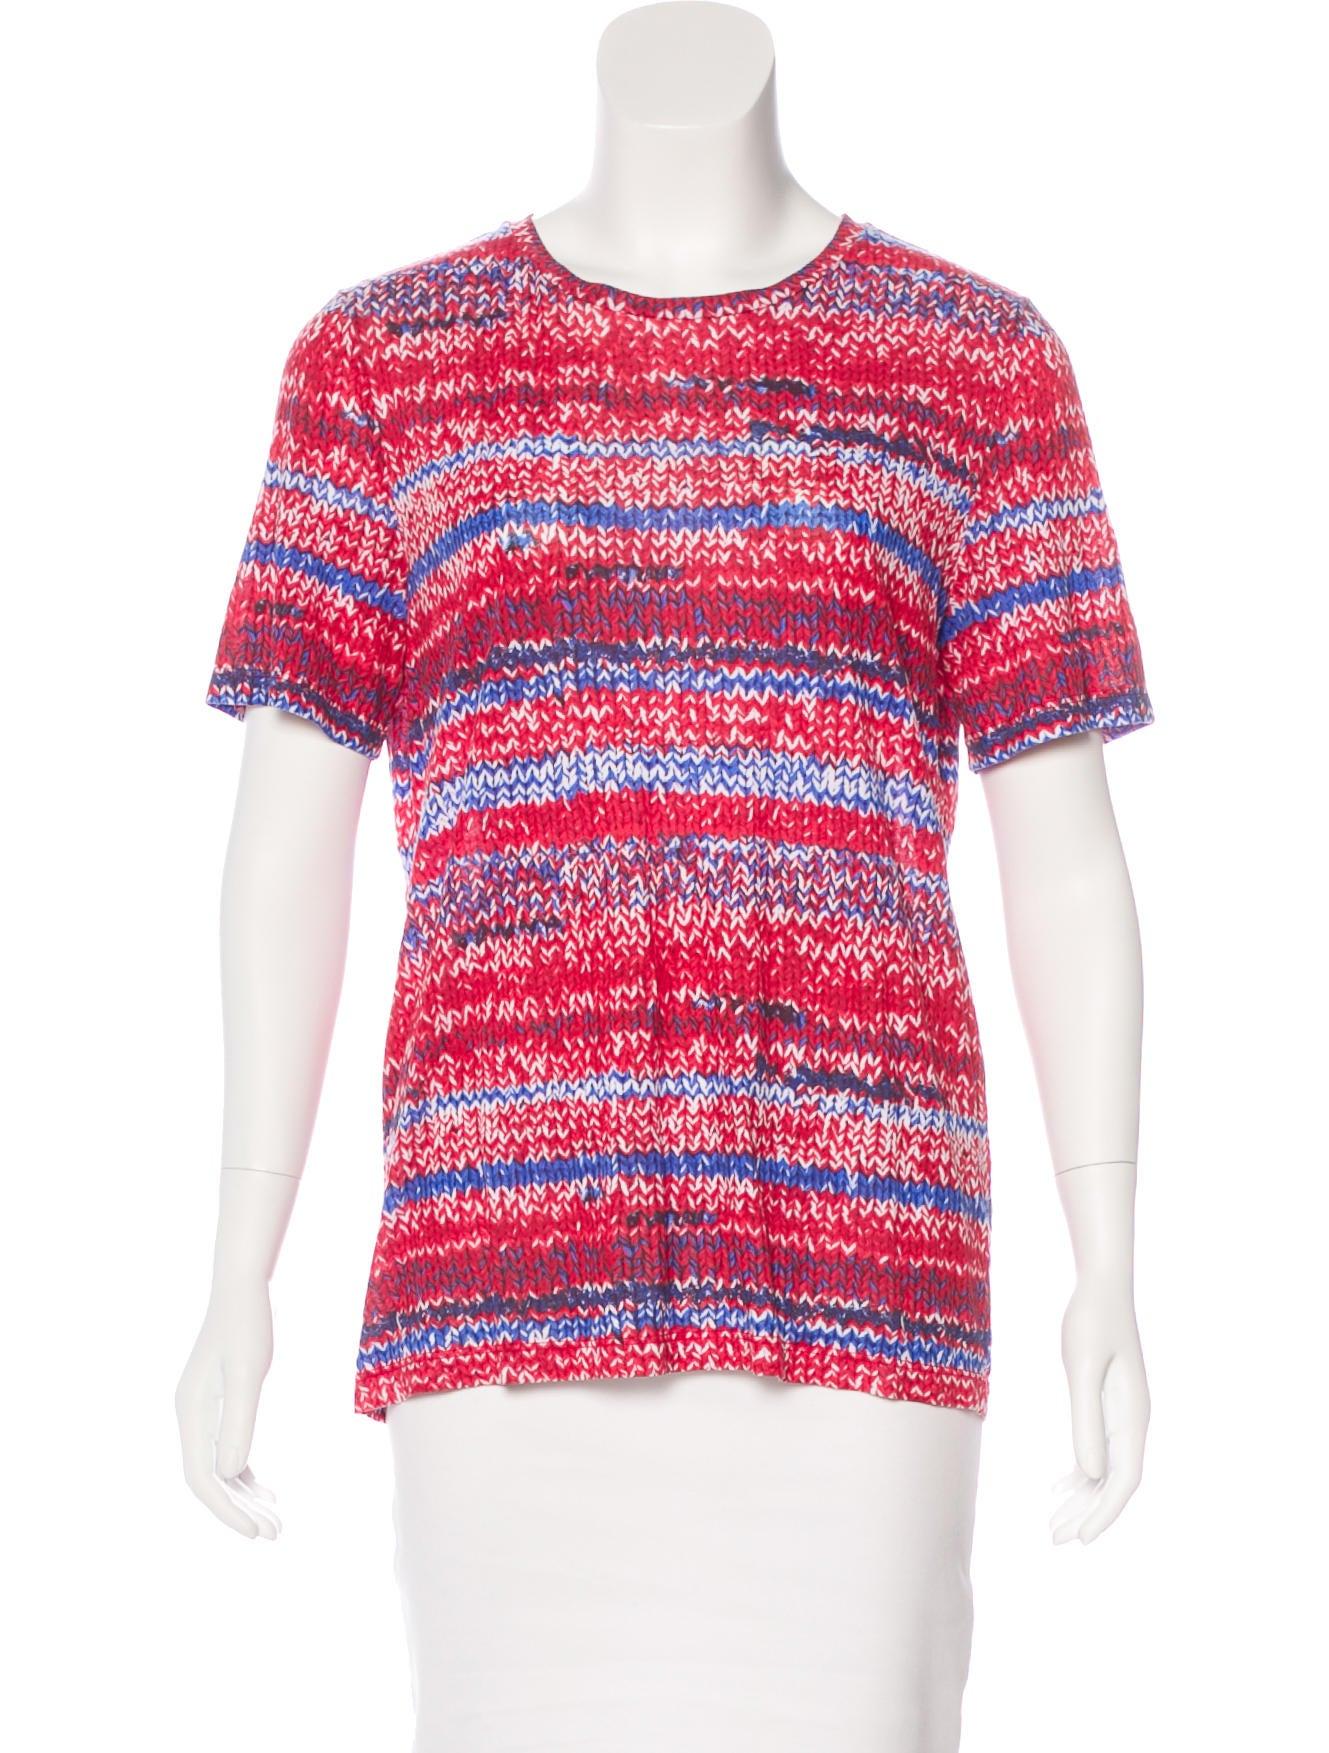 Tory Burch Printed Short Sleeve T Shirt Clothing